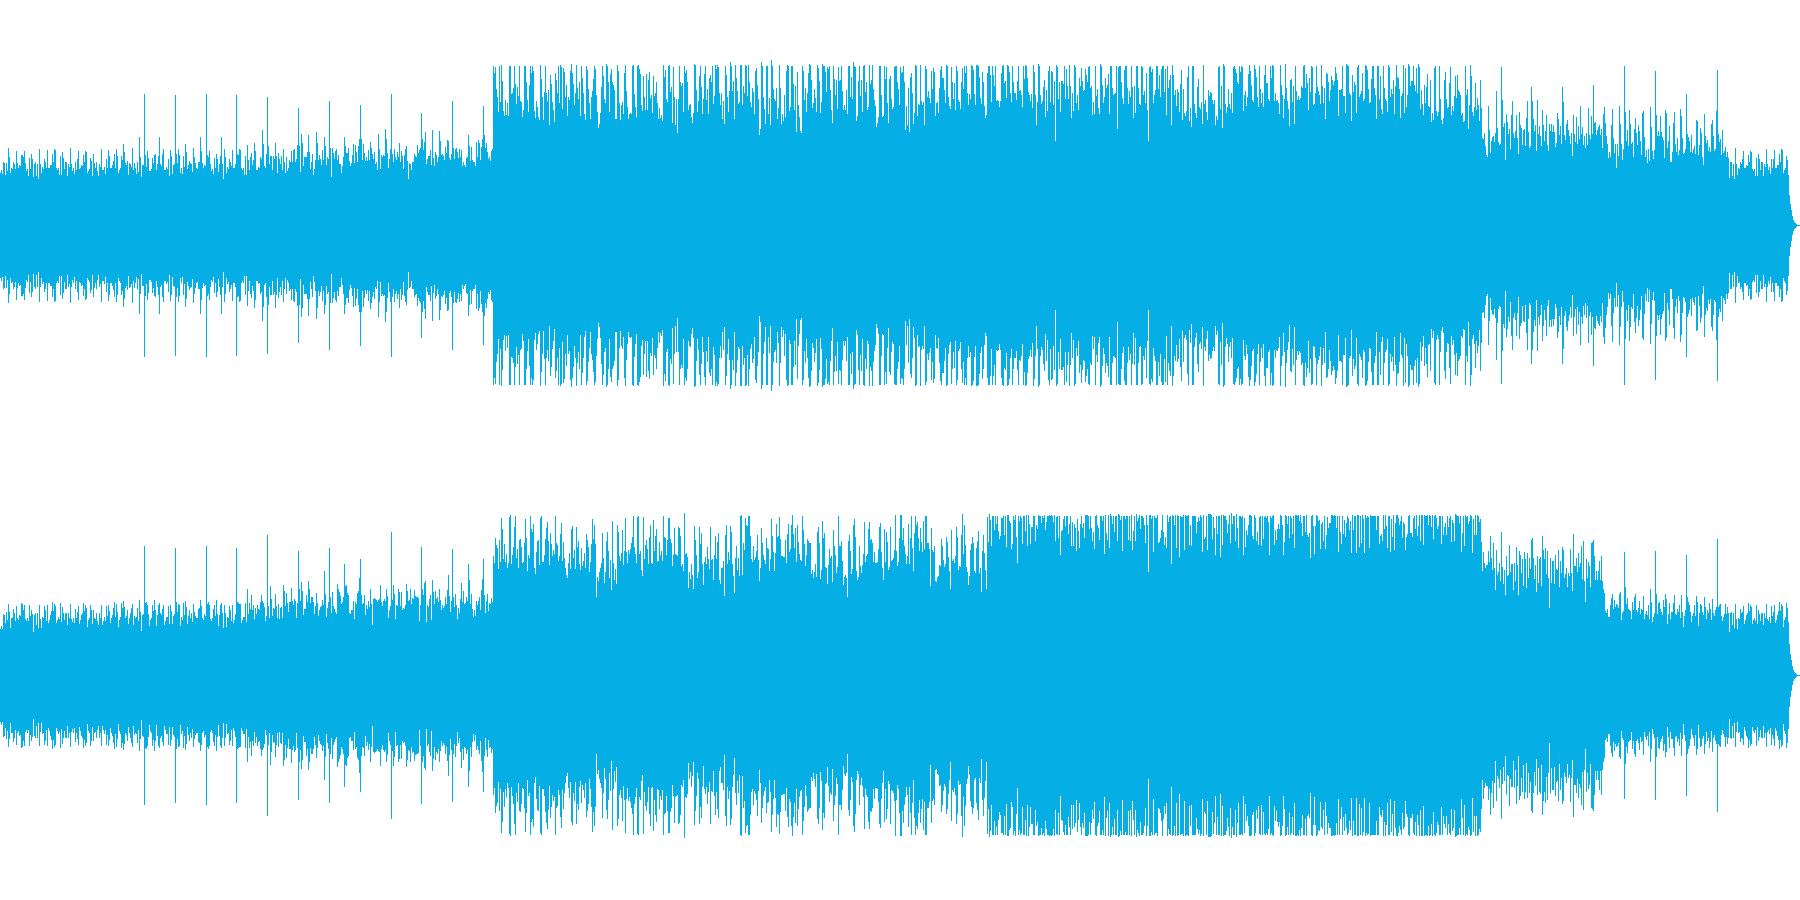 不思議な木琴リフレインミュージックの再生済みの波形